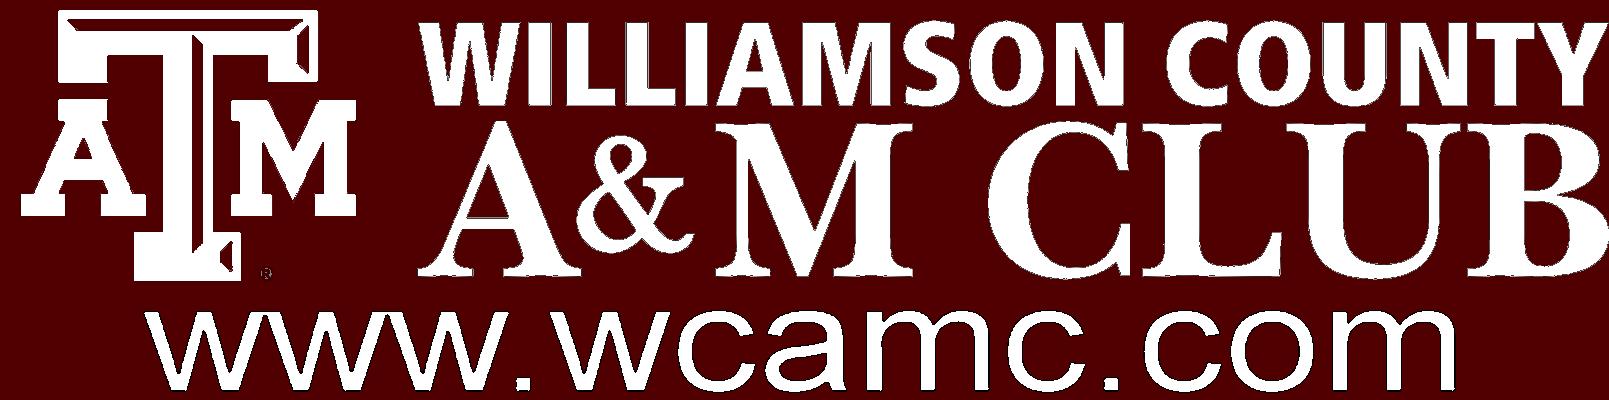 WCAMC logo